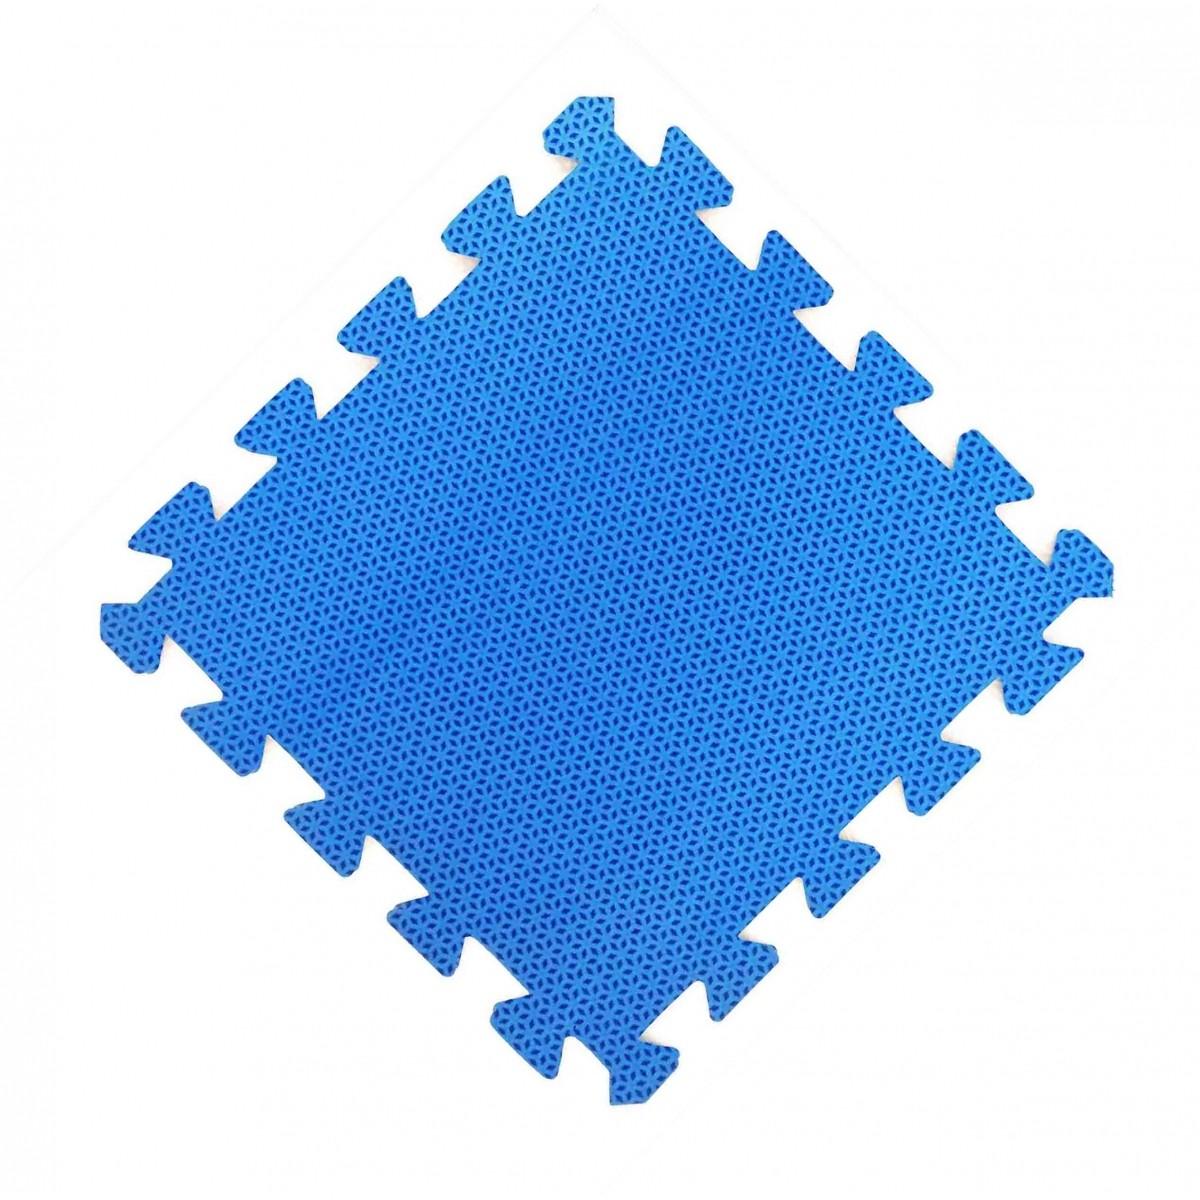 Tatames 30x30cm Com 10mm de Espessura   Azul  -